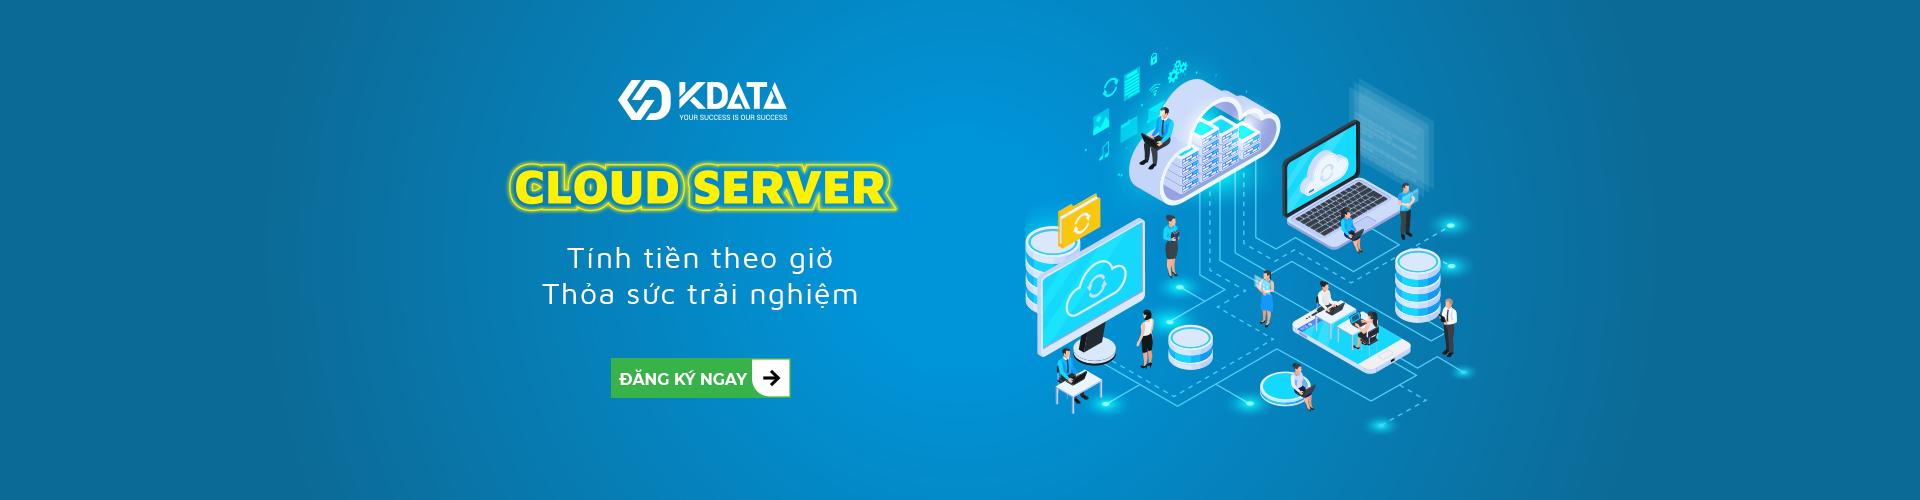 Cloud Server tính tiền theo giờ